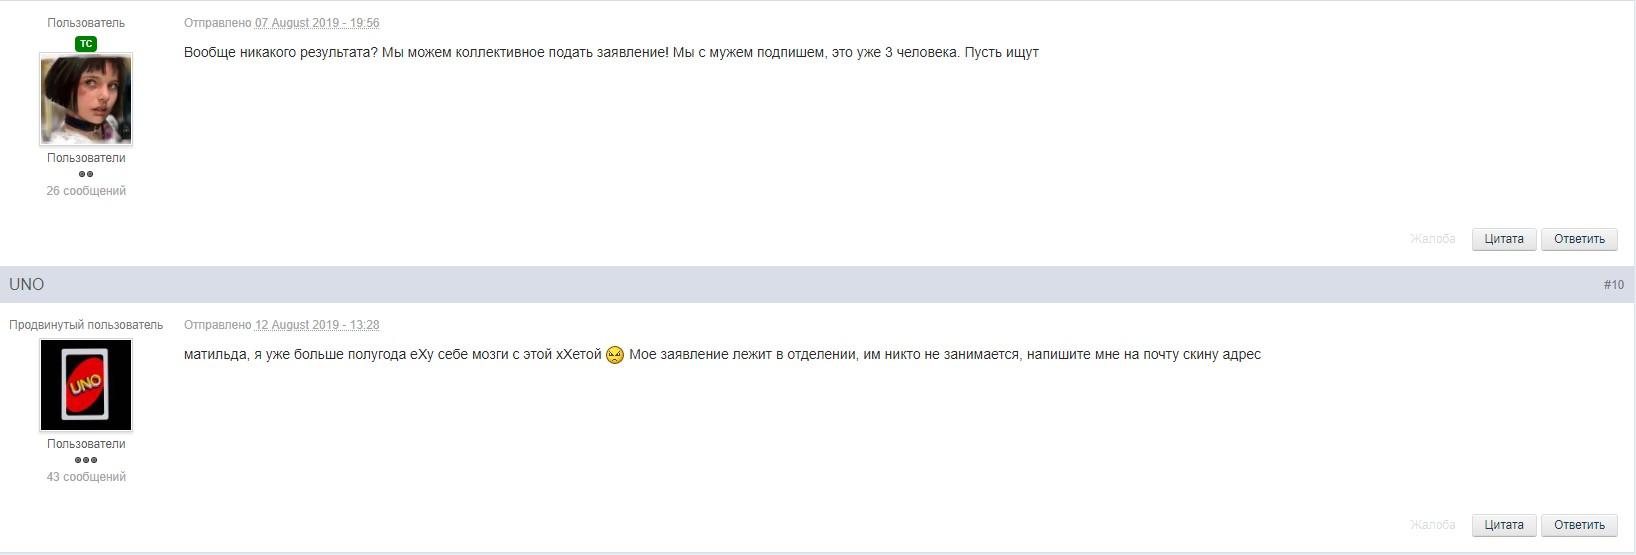 prokartapolaka.ru отзывы клиентов на сайте forum-eu.com